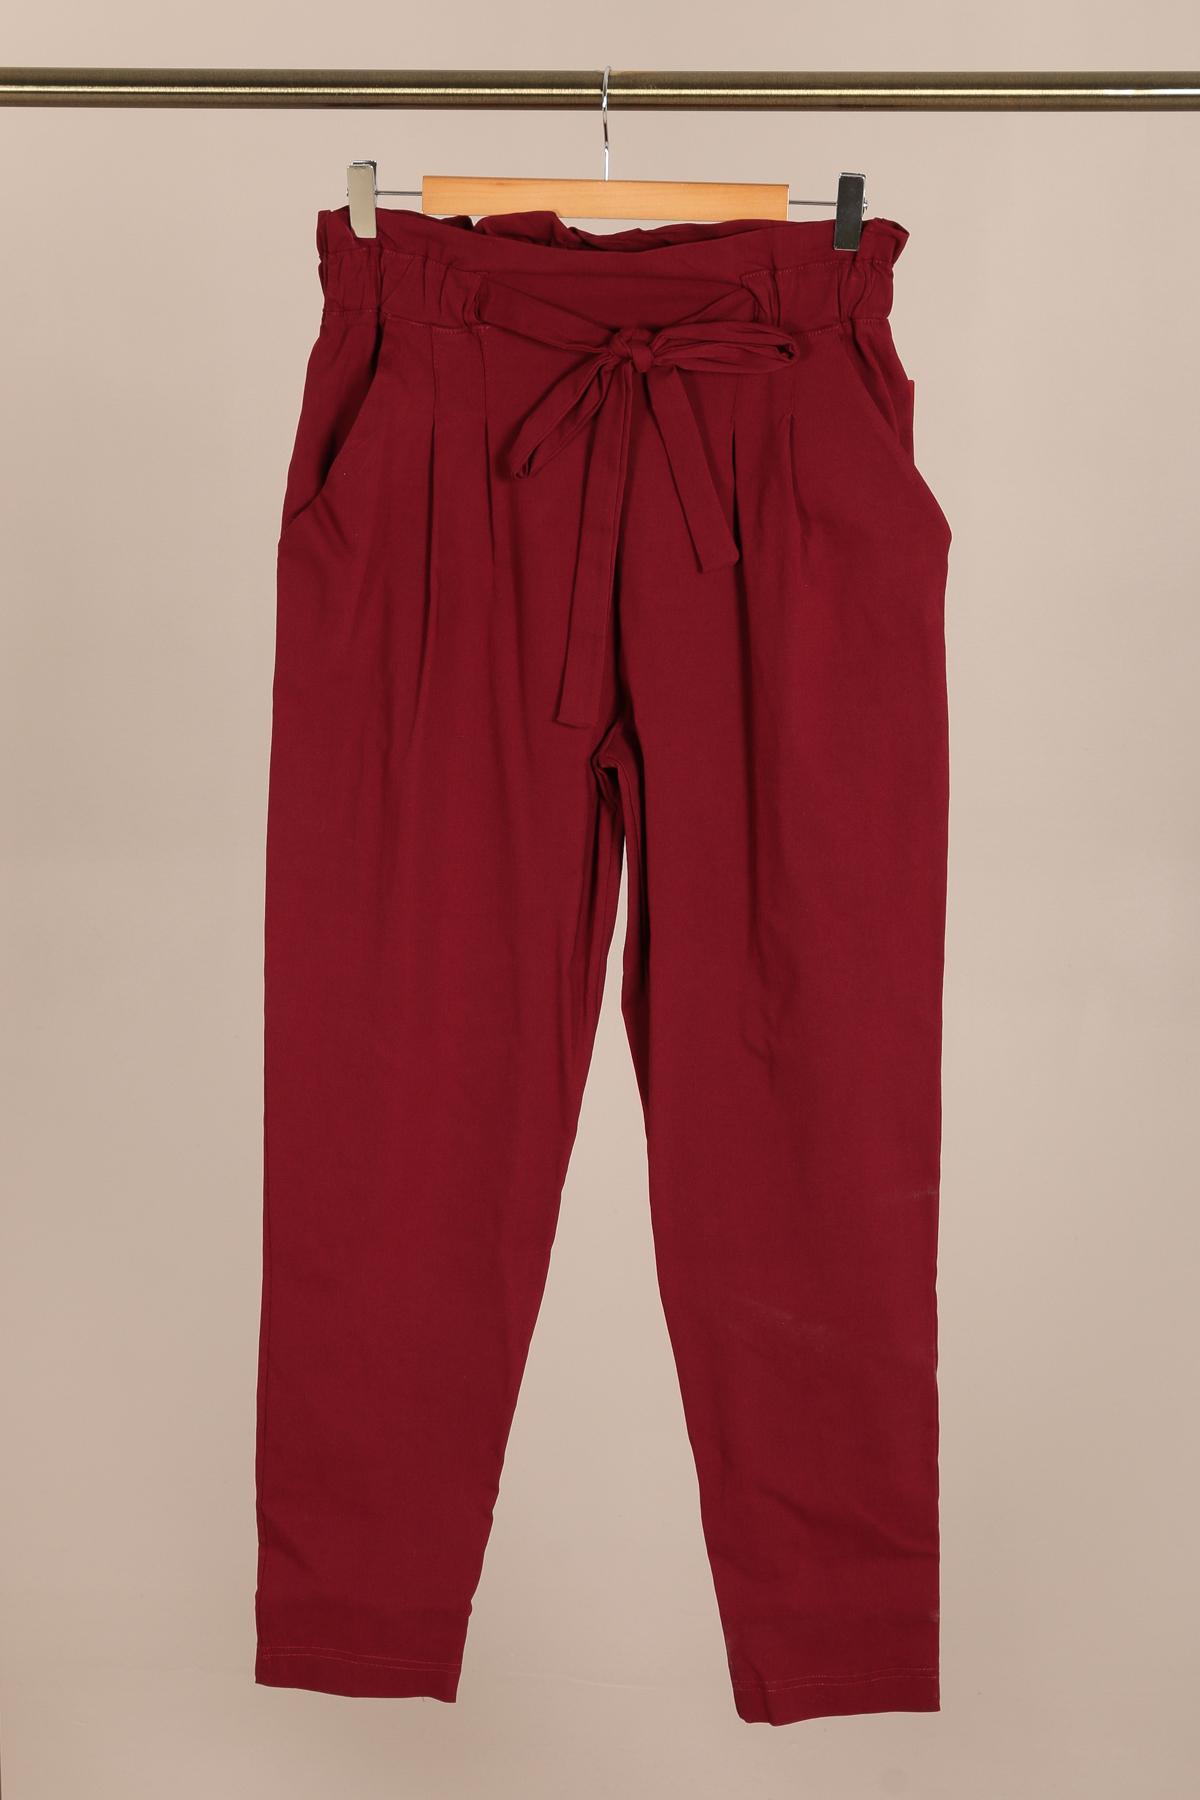 pantalon habillé femme grande taille marque 2w paris bordeaux p2123